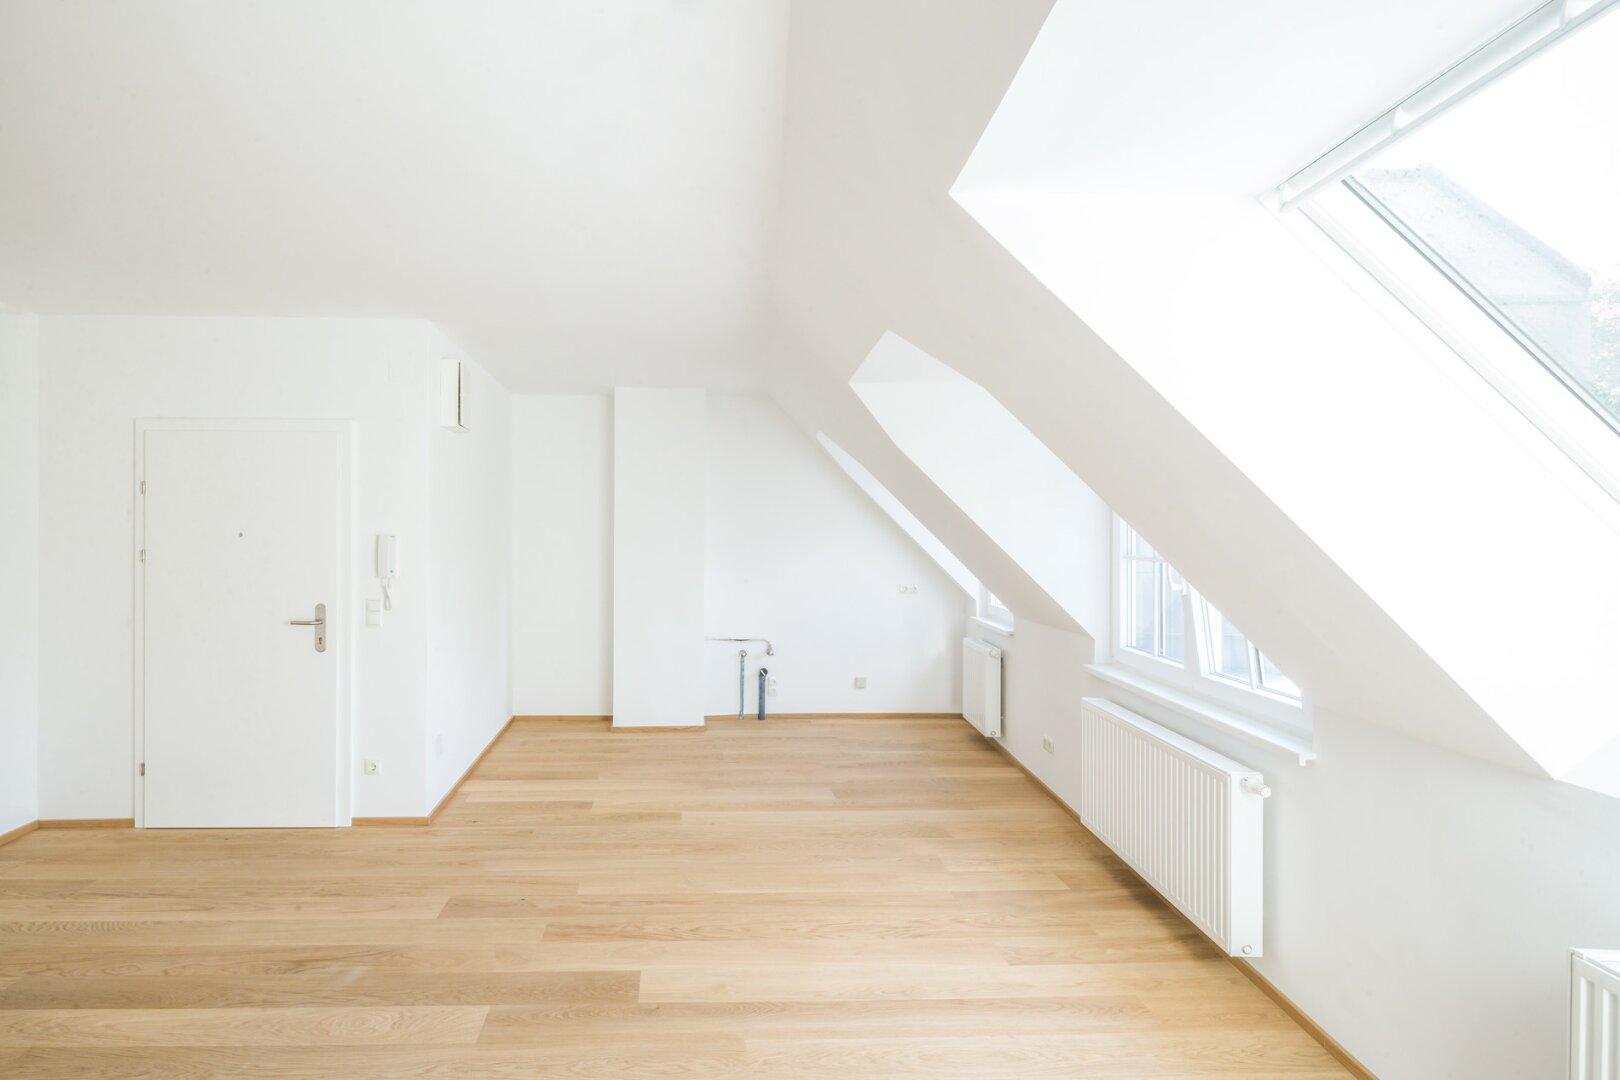 Wohnzimmer oder Küchenvariante